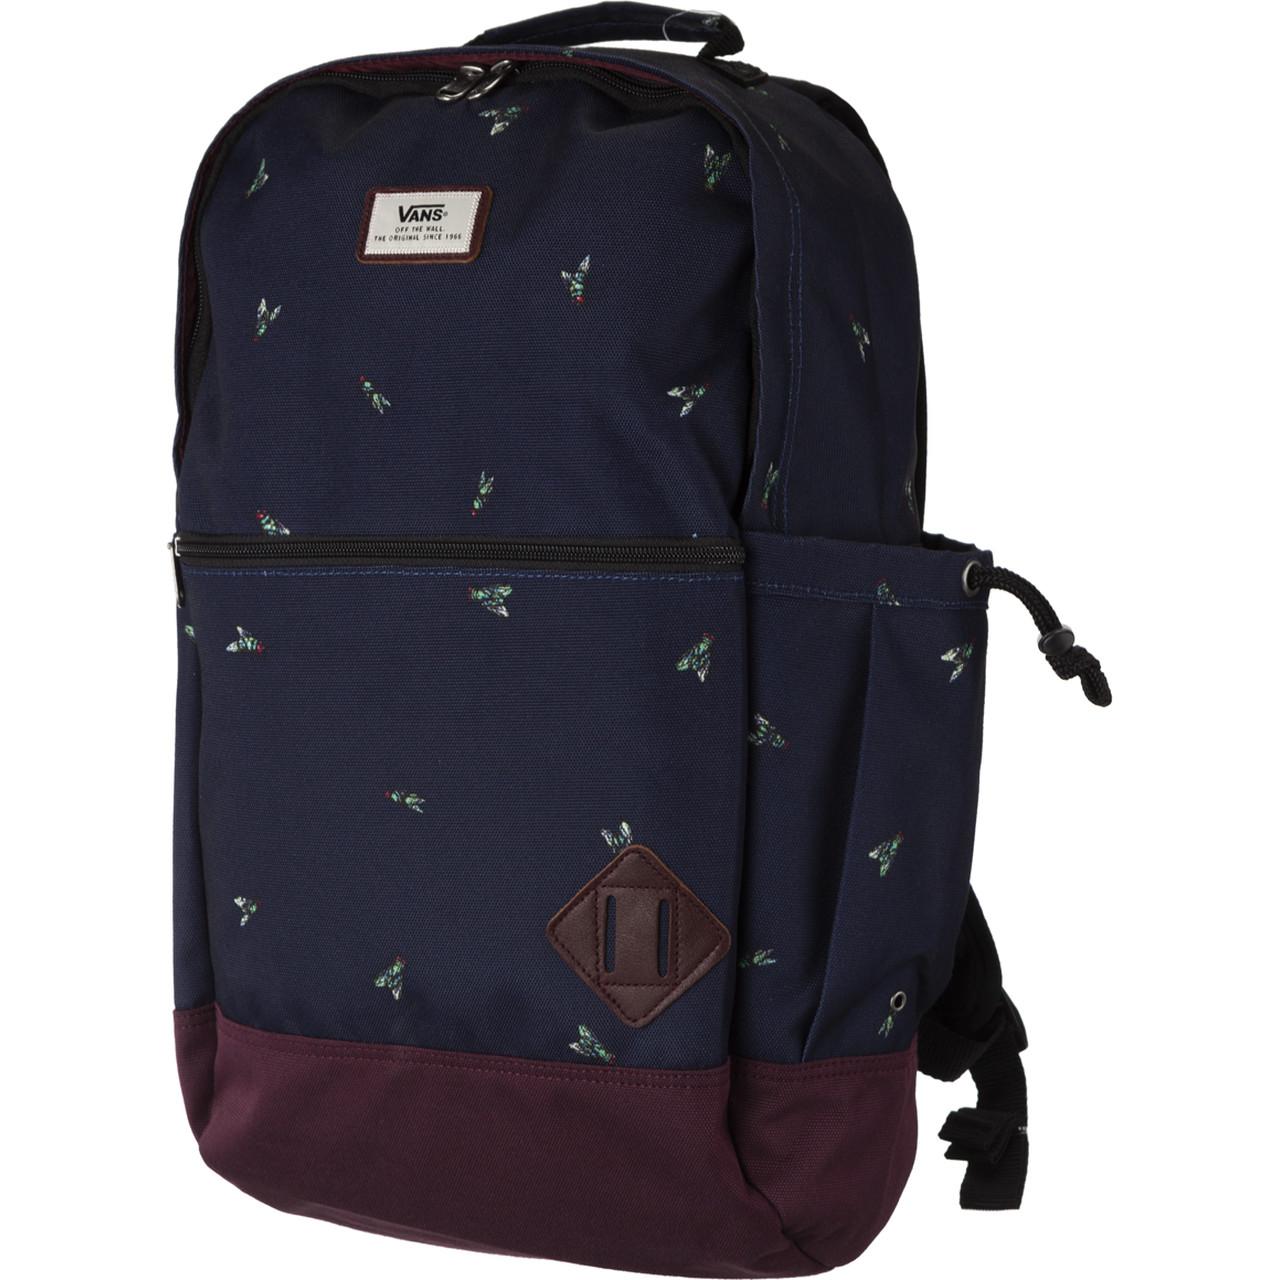 0c2fc819b5 Plecak szkolny Vans Van Doren II Backpack H8T - eastend.pl